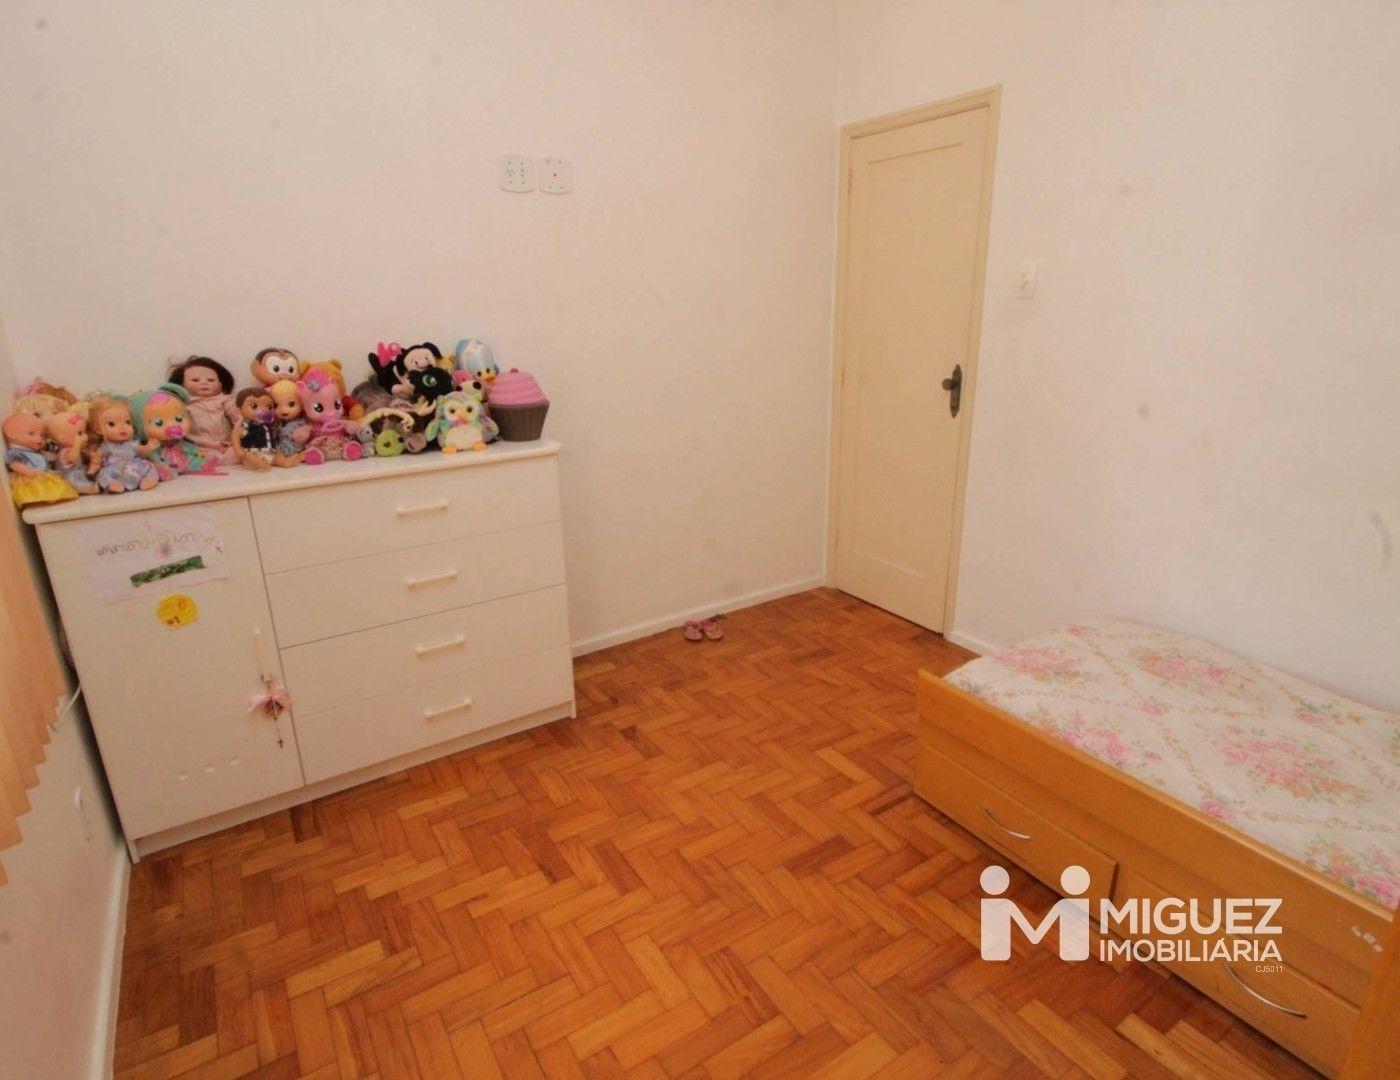 Apartamento, venda, Rua Senador Furtado - Praça da Bandeira , Rio de janeiro